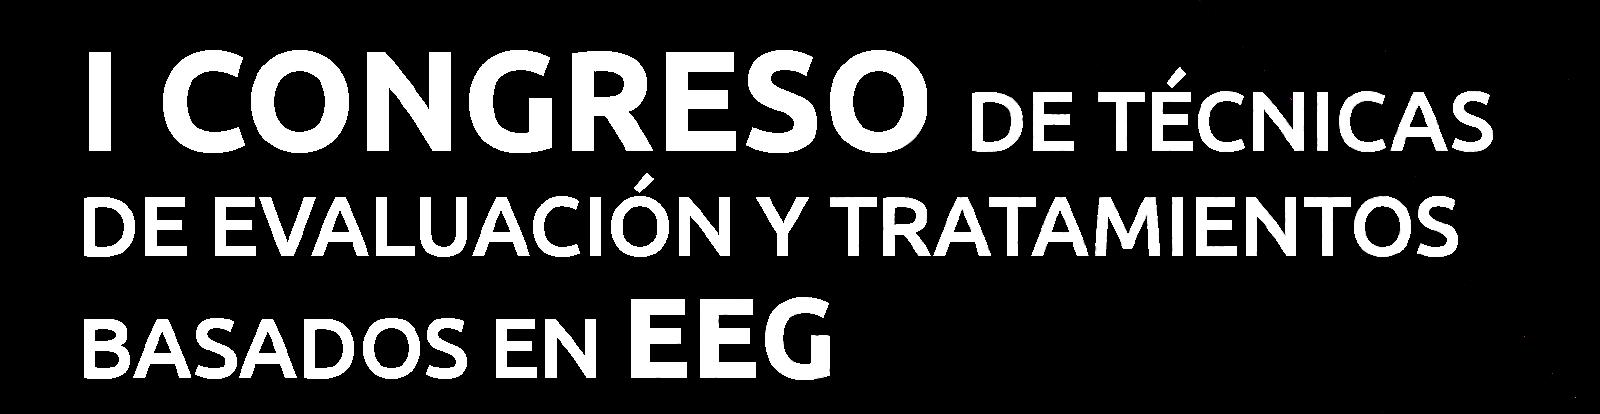 I Congreso de Técnicas de Evaluación y Tratamiento Basado en EEG